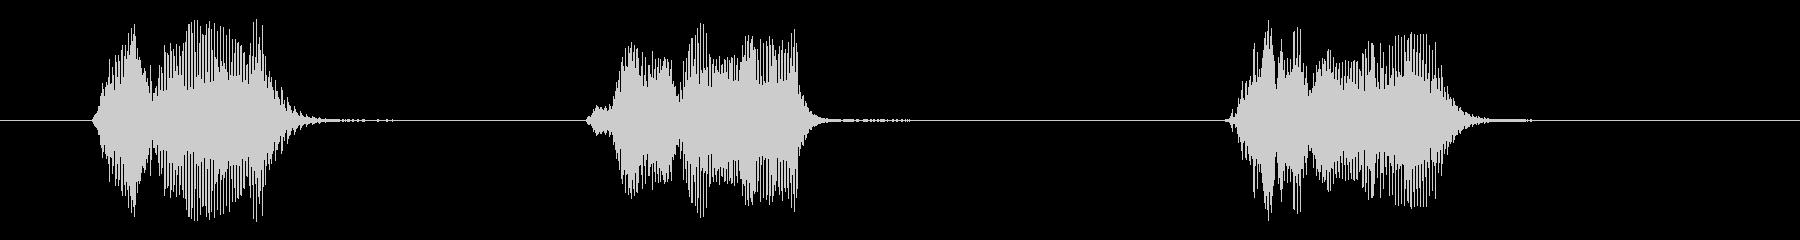 コンピューター、男性の声:レッドア...の未再生の波形